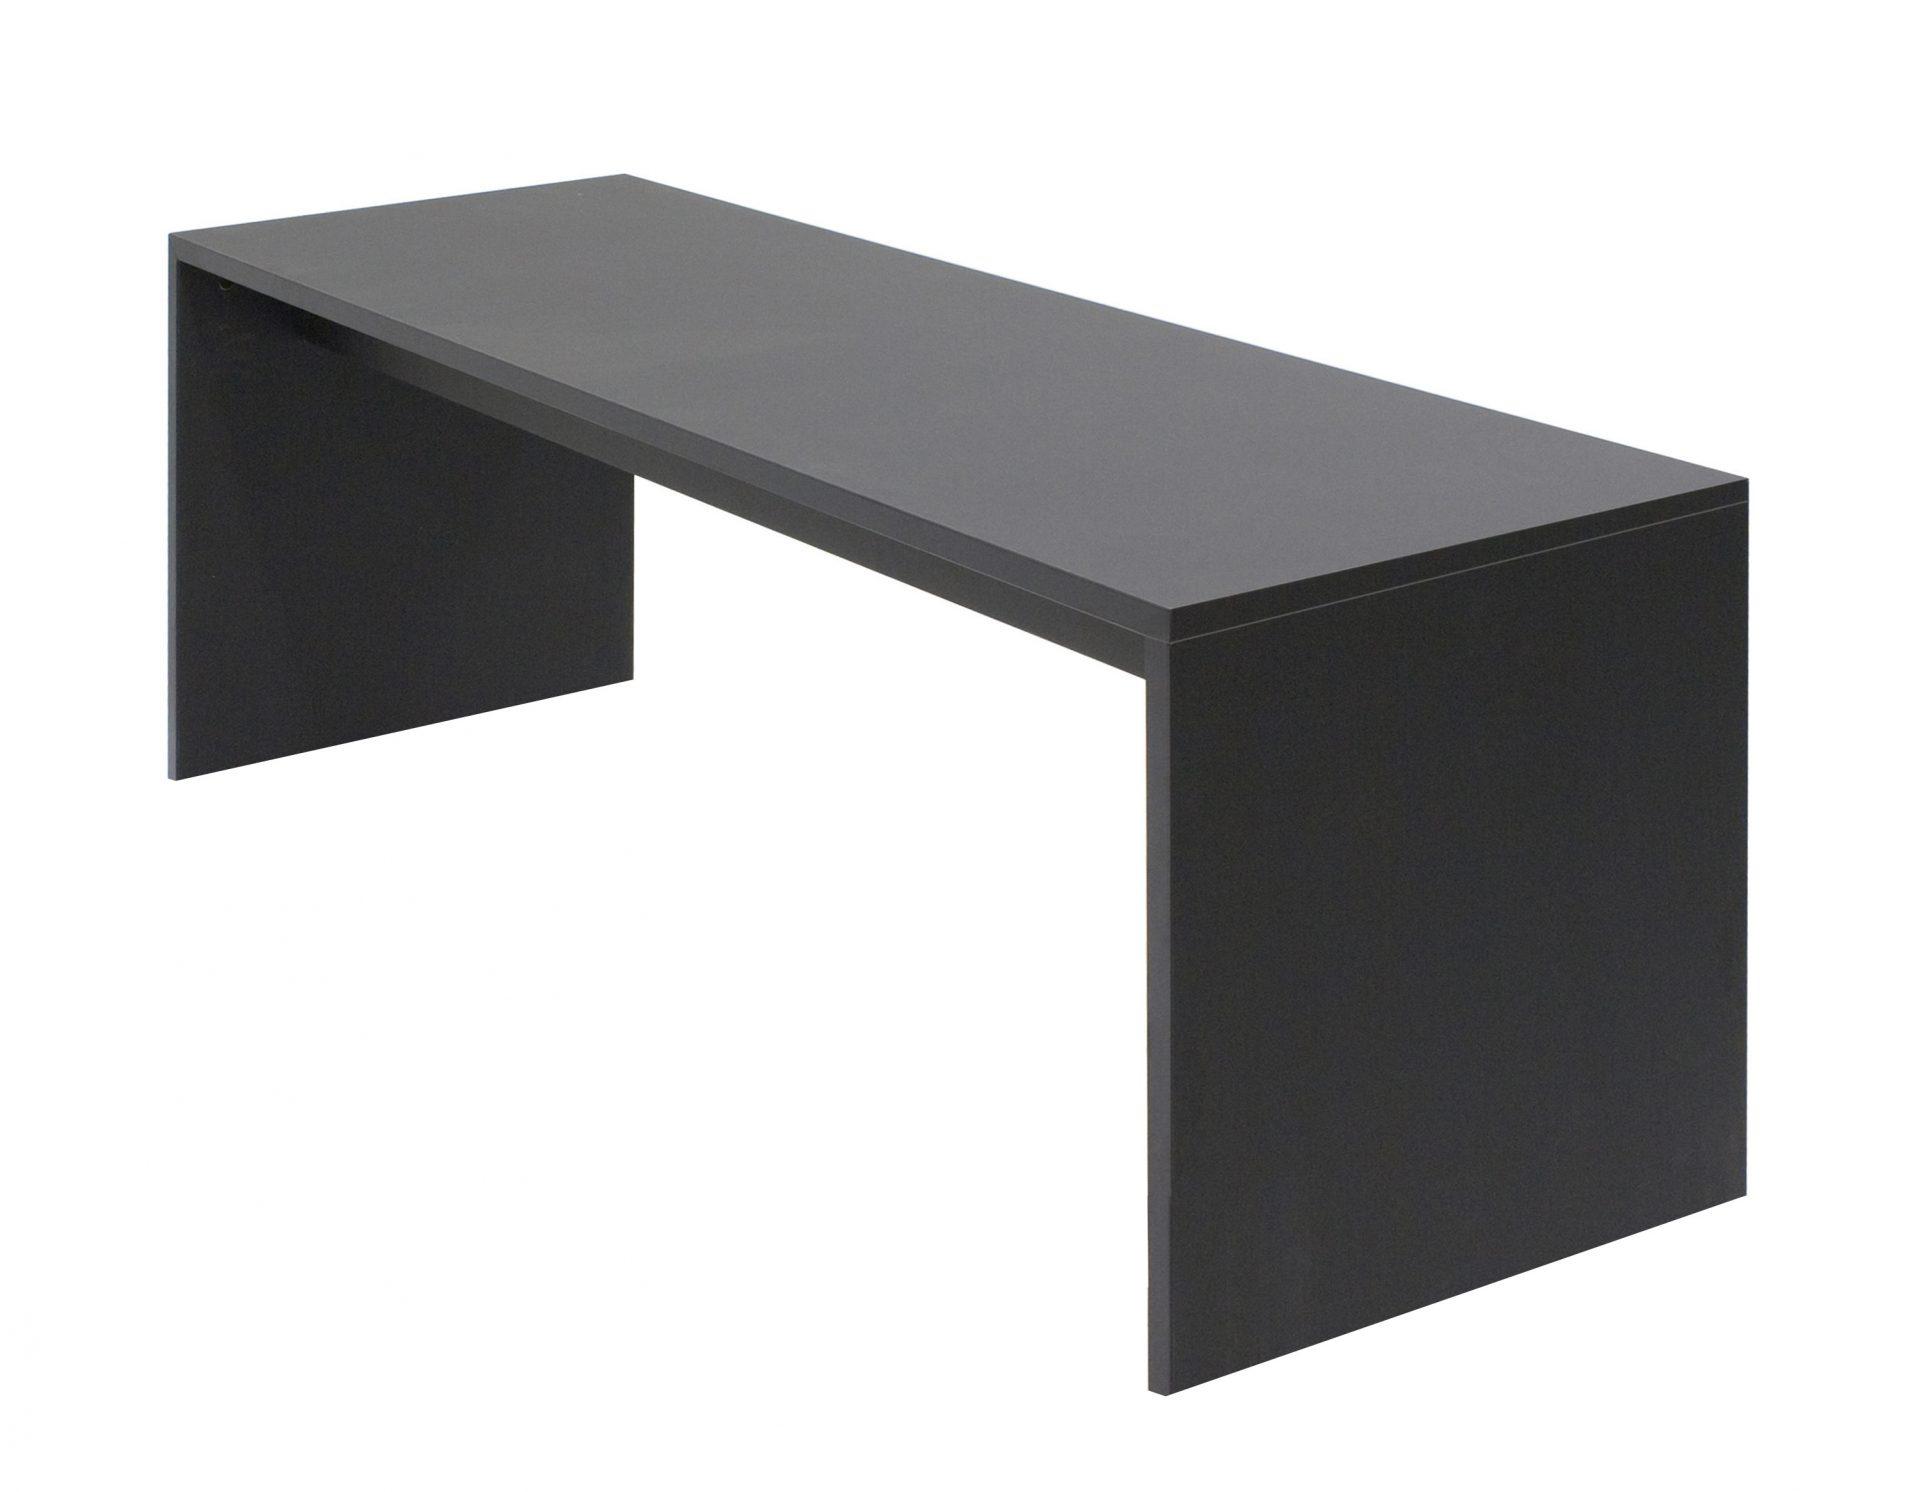 Gavl bænk i sort laminat eller linoleum - kan laves i størrelse efter ønske